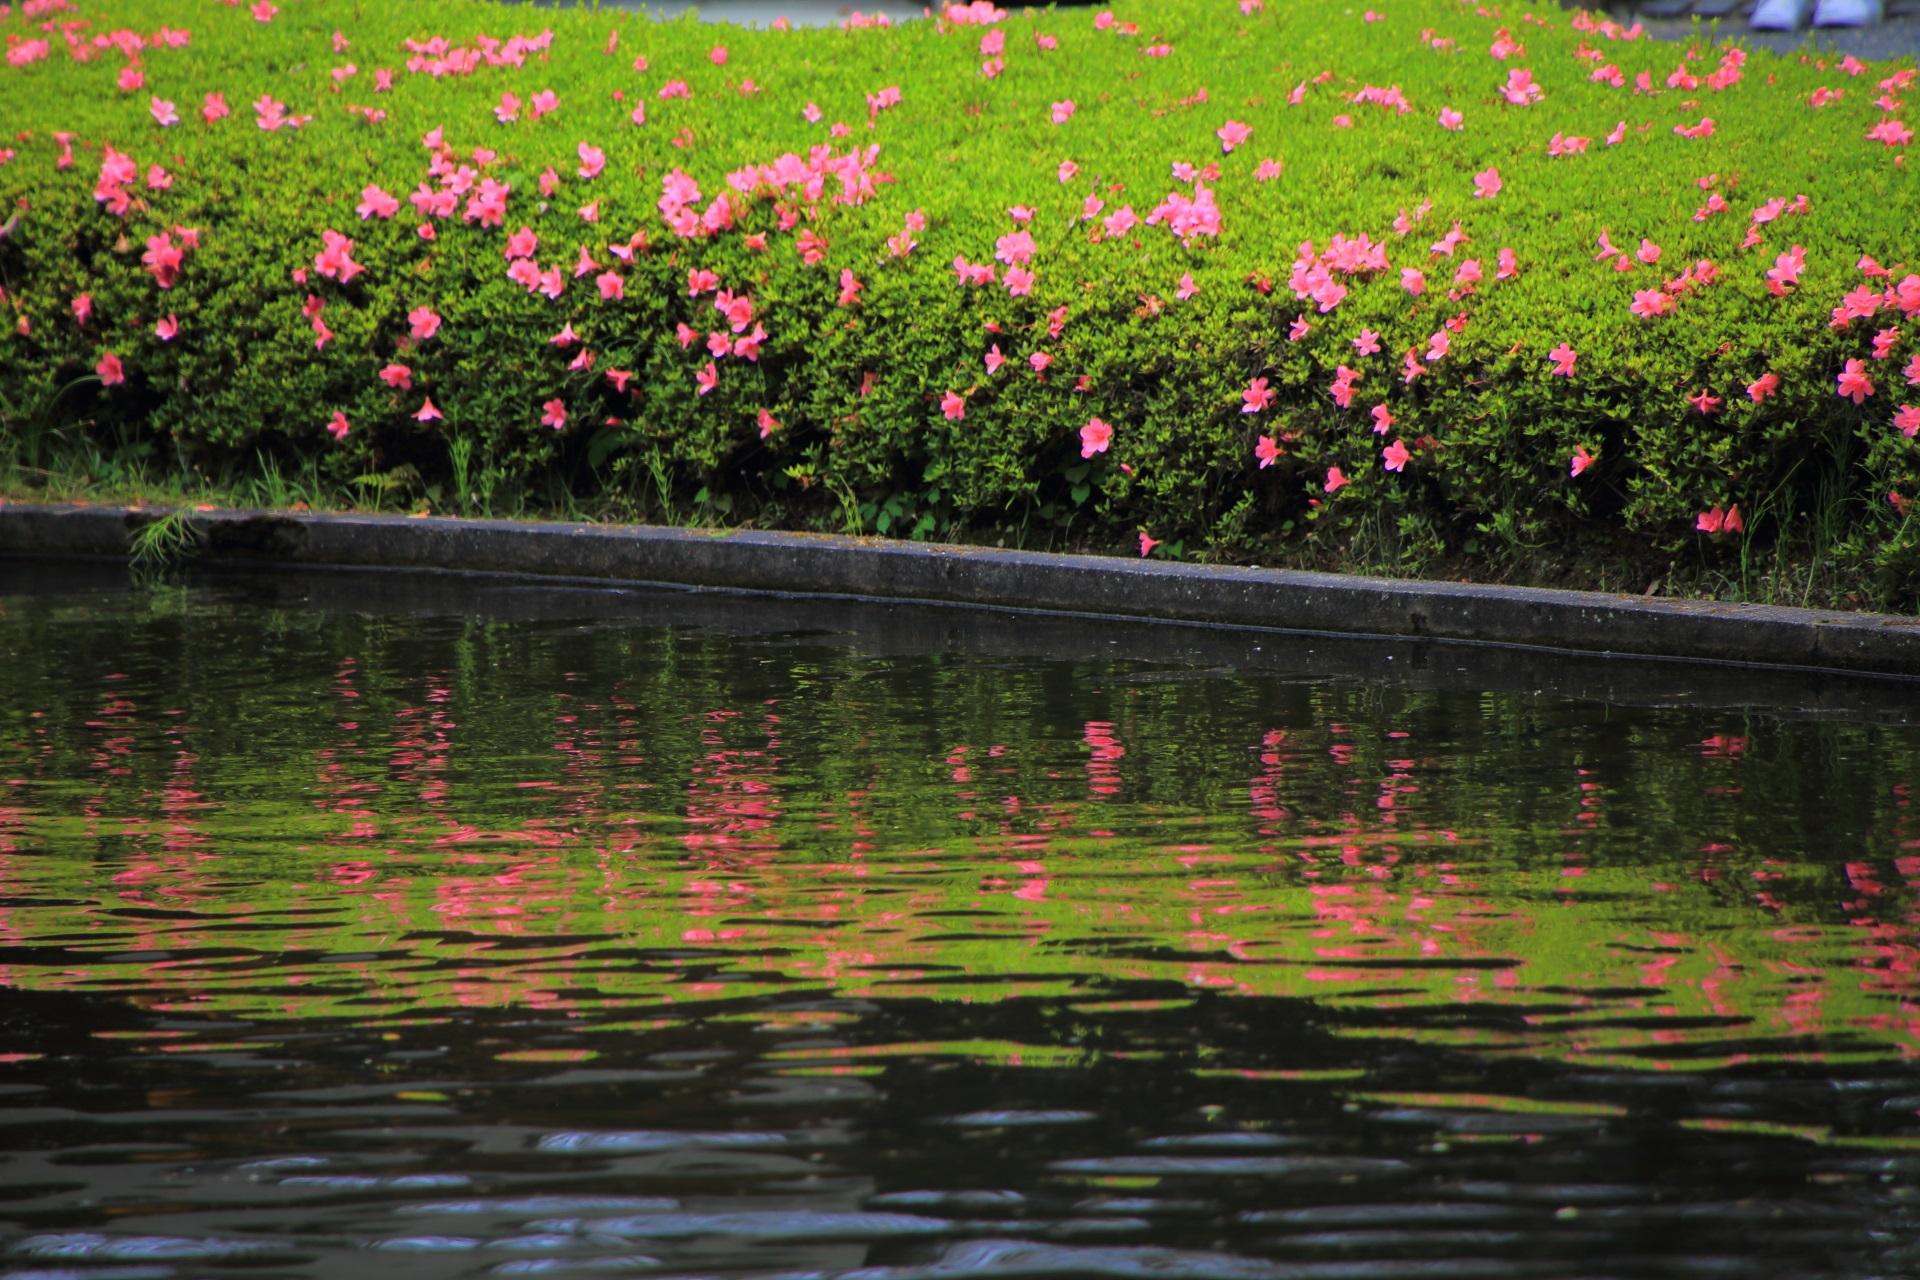 松尾大社の蓬莱の庭の美しいサツキの水鏡